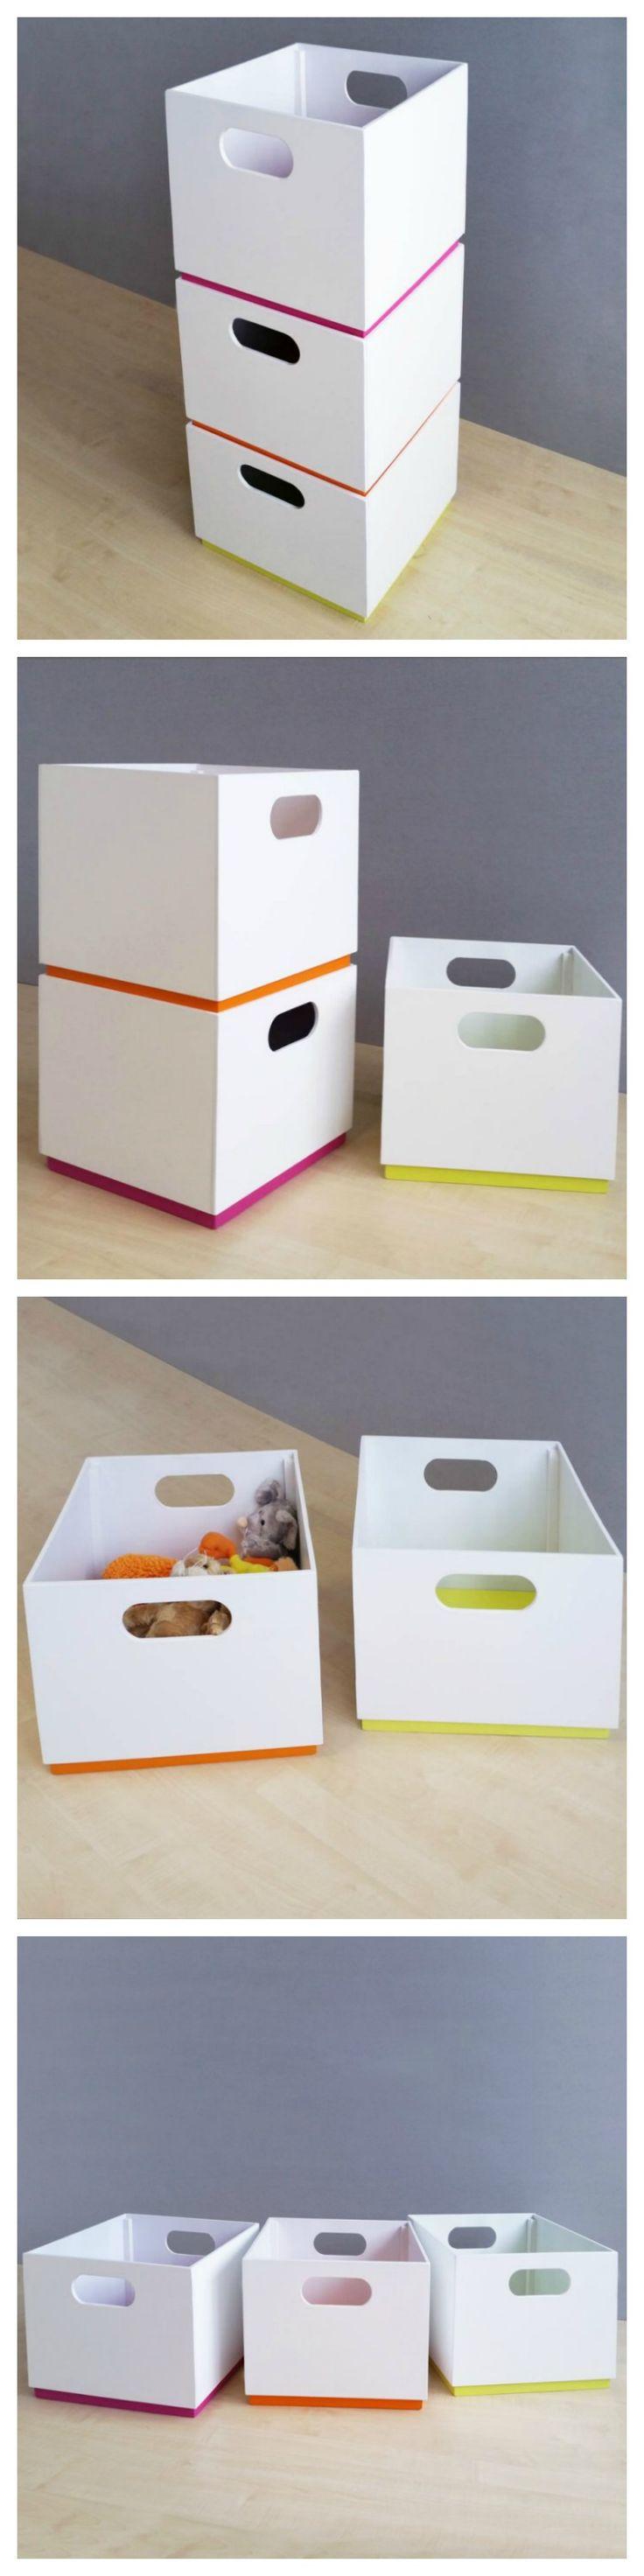 M s de 25 ideas incre bles sobre organizador juguetes en - Organizador de juguetes ...